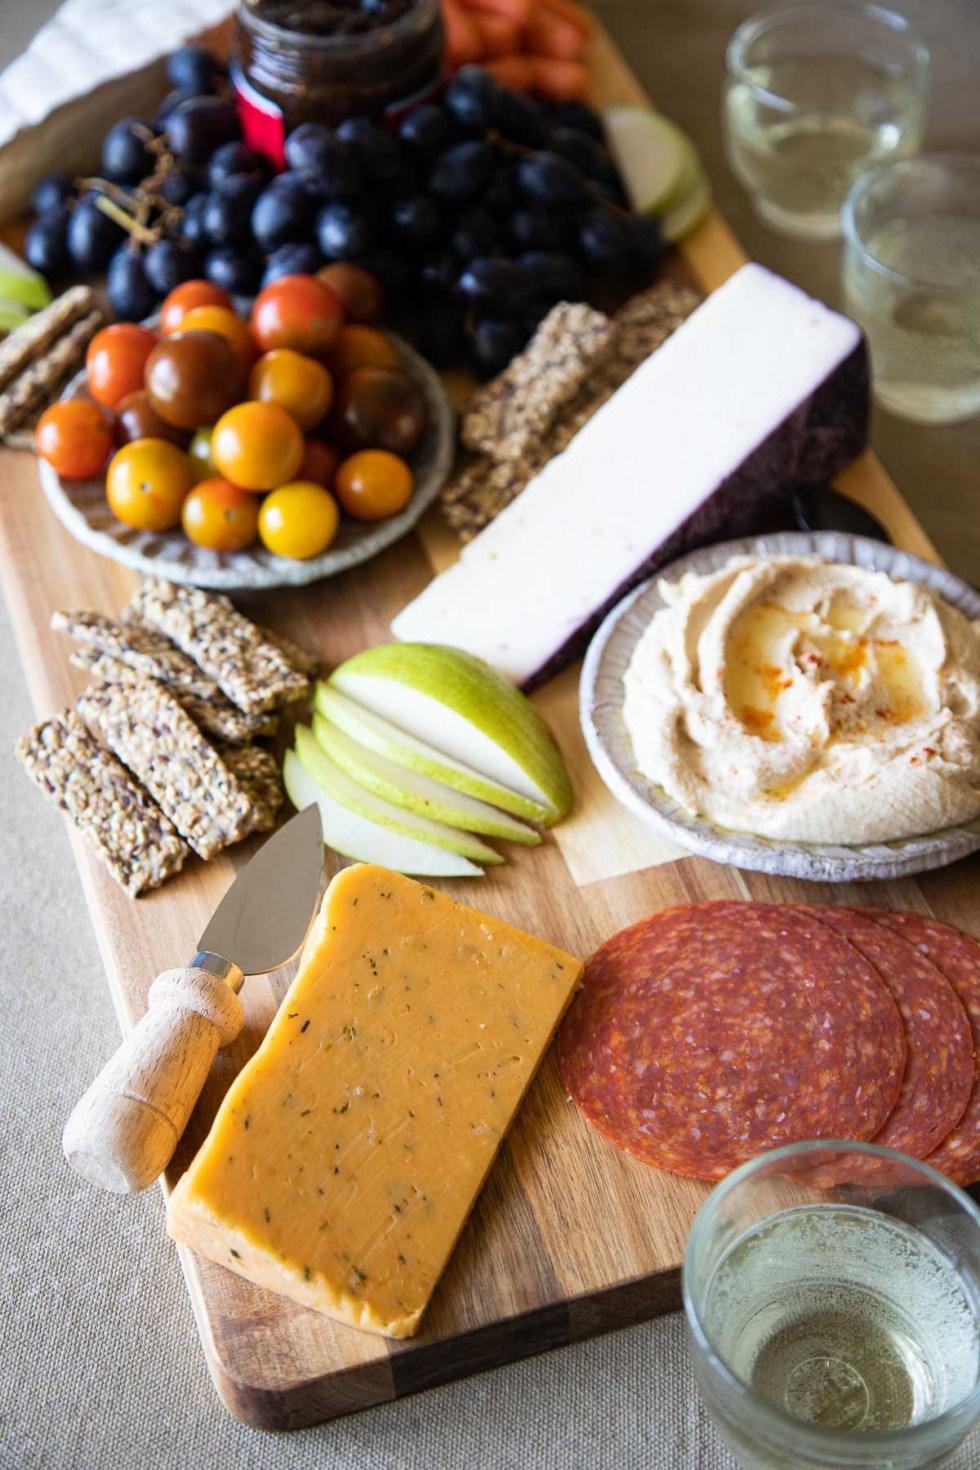 Trader Joe's Charcuterie Appetizer Board - Items On Board